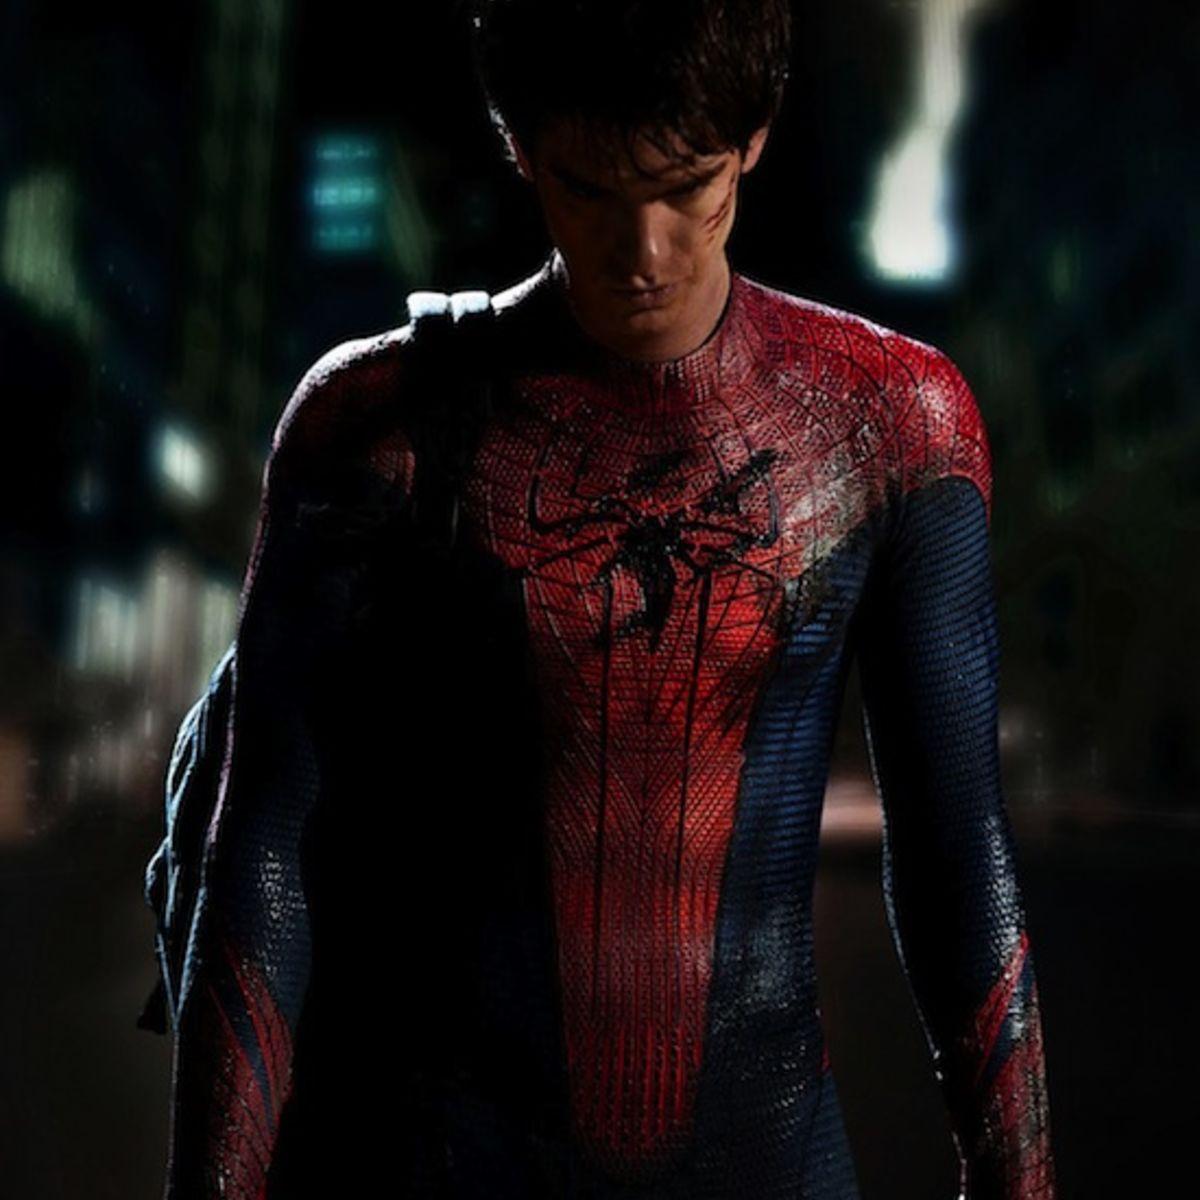 Andrew-Garfield_Spider-Man_1.jpg